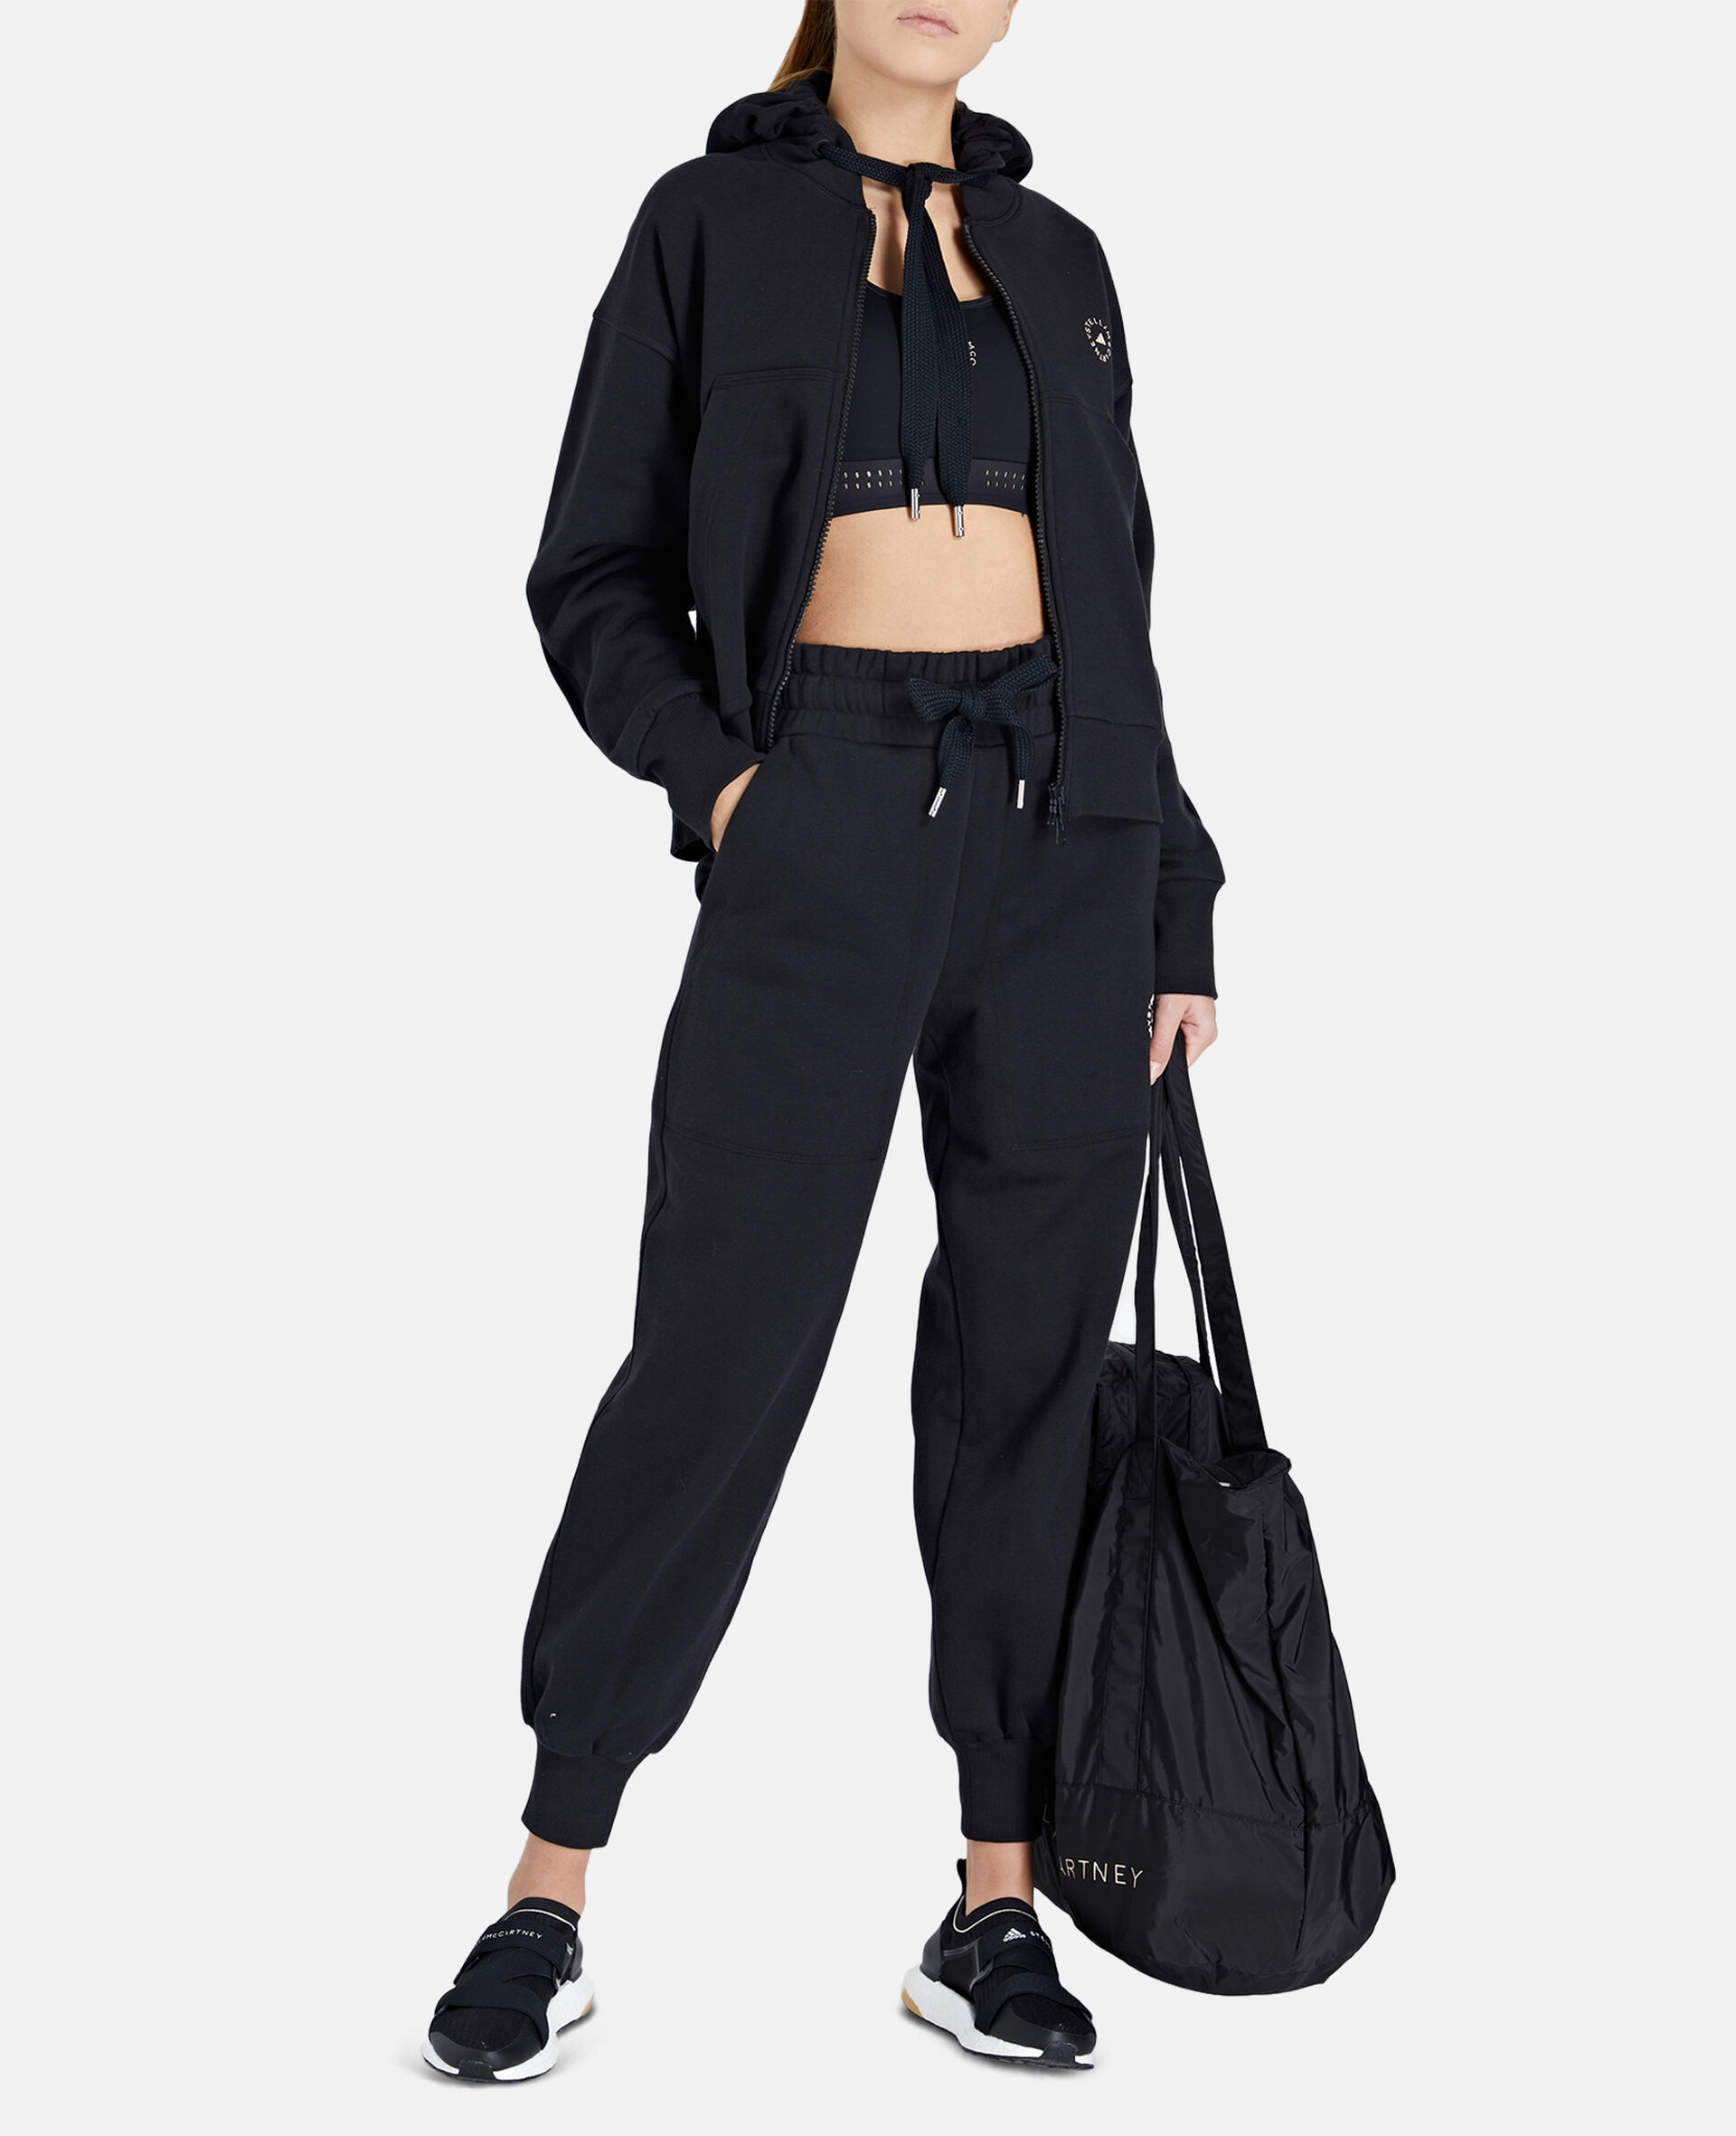 Black Full-zip Cropped Hoodie-Black-large image number 1